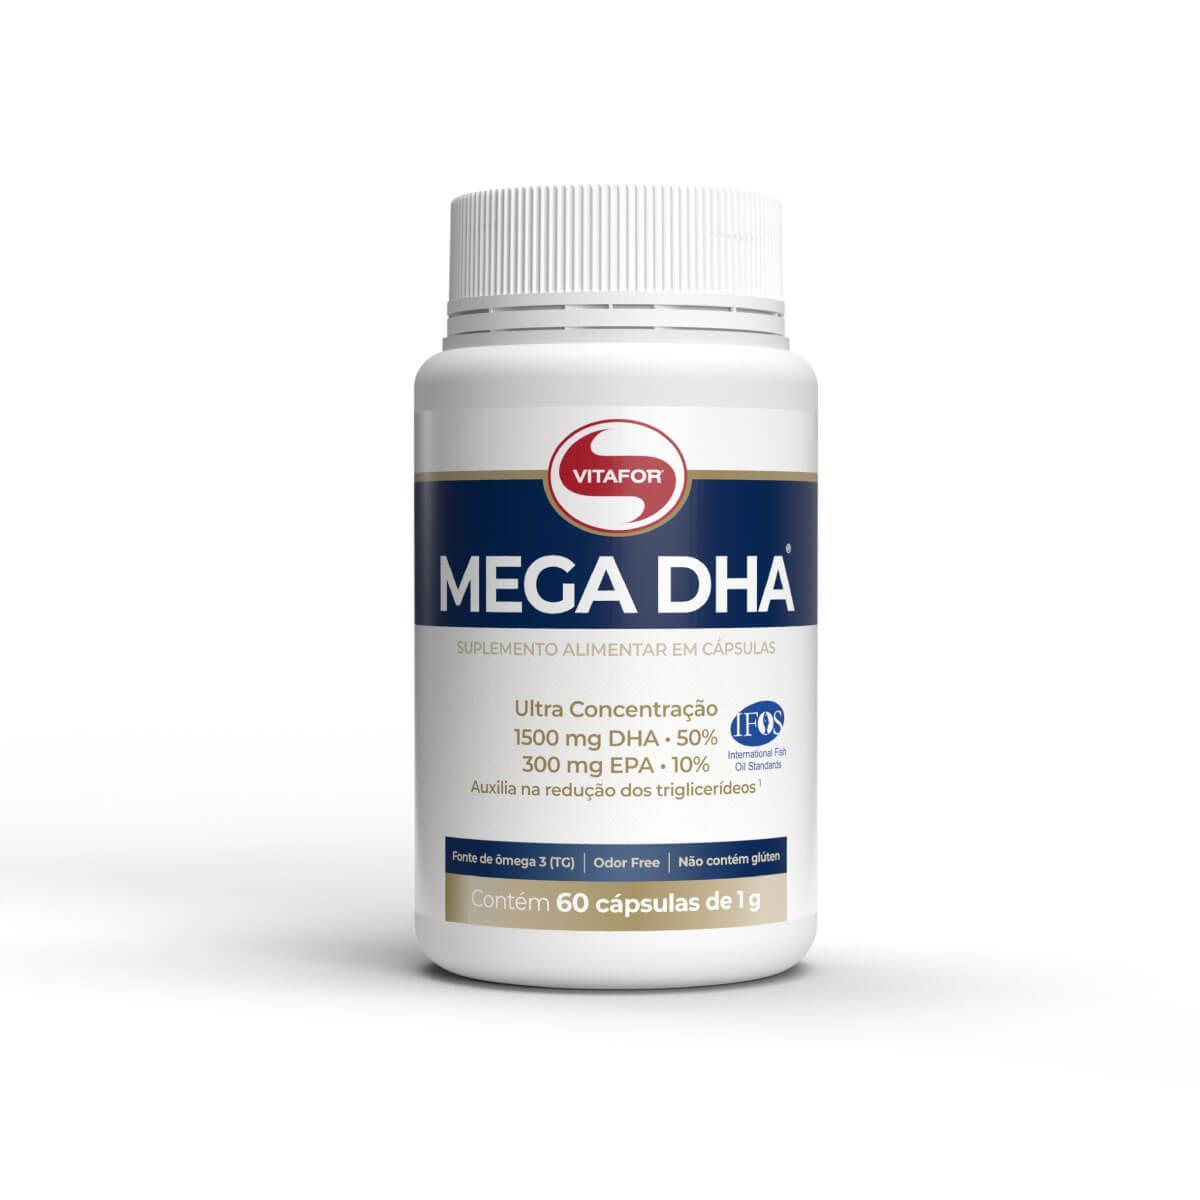 MEGA DHA (60 Cápsulas) - Vitafor